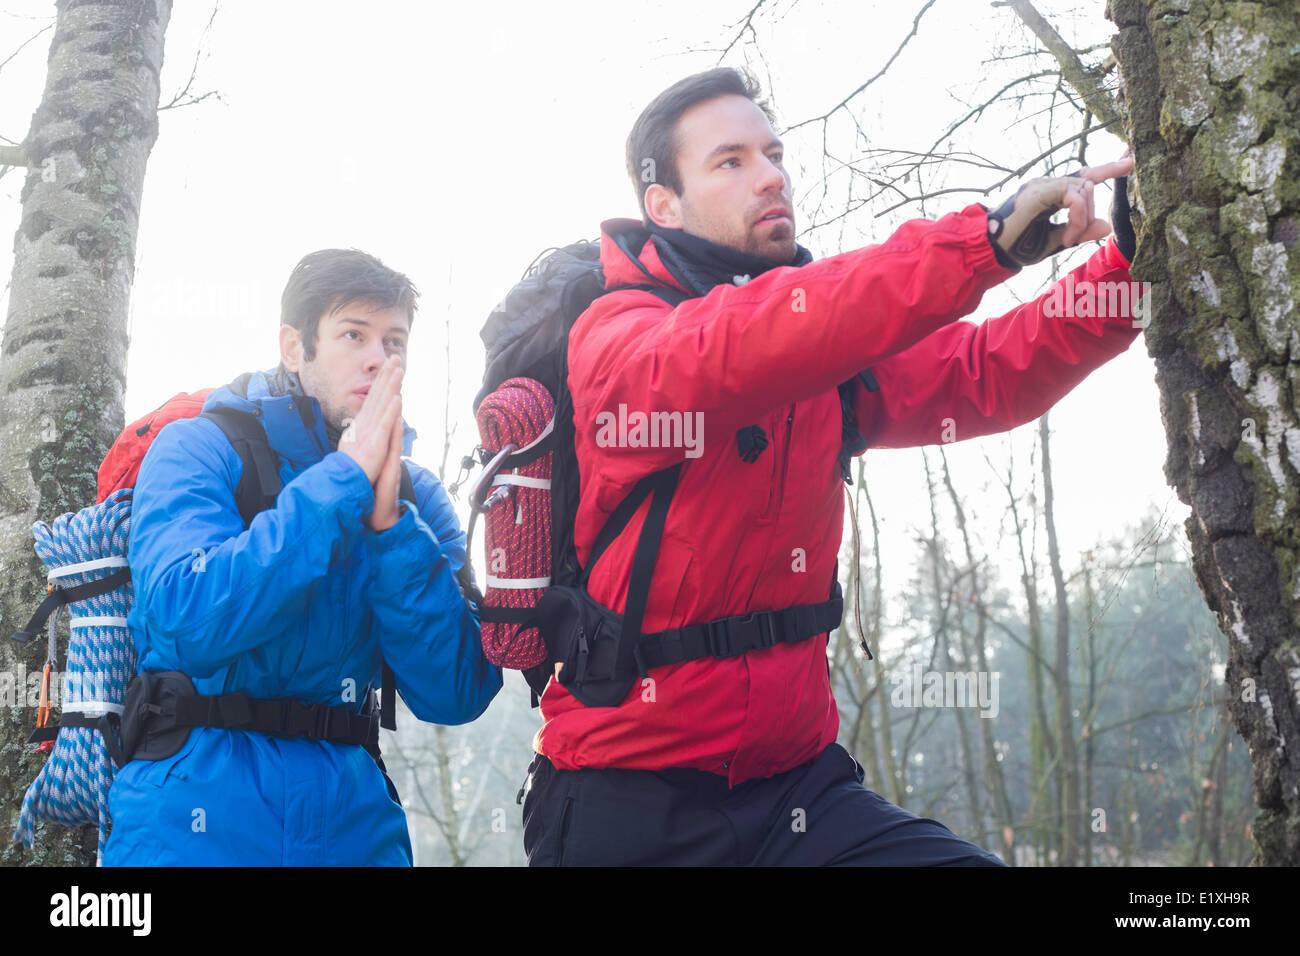 Männliche Wanderer erkunden Baumstamm im Wald Stockbild